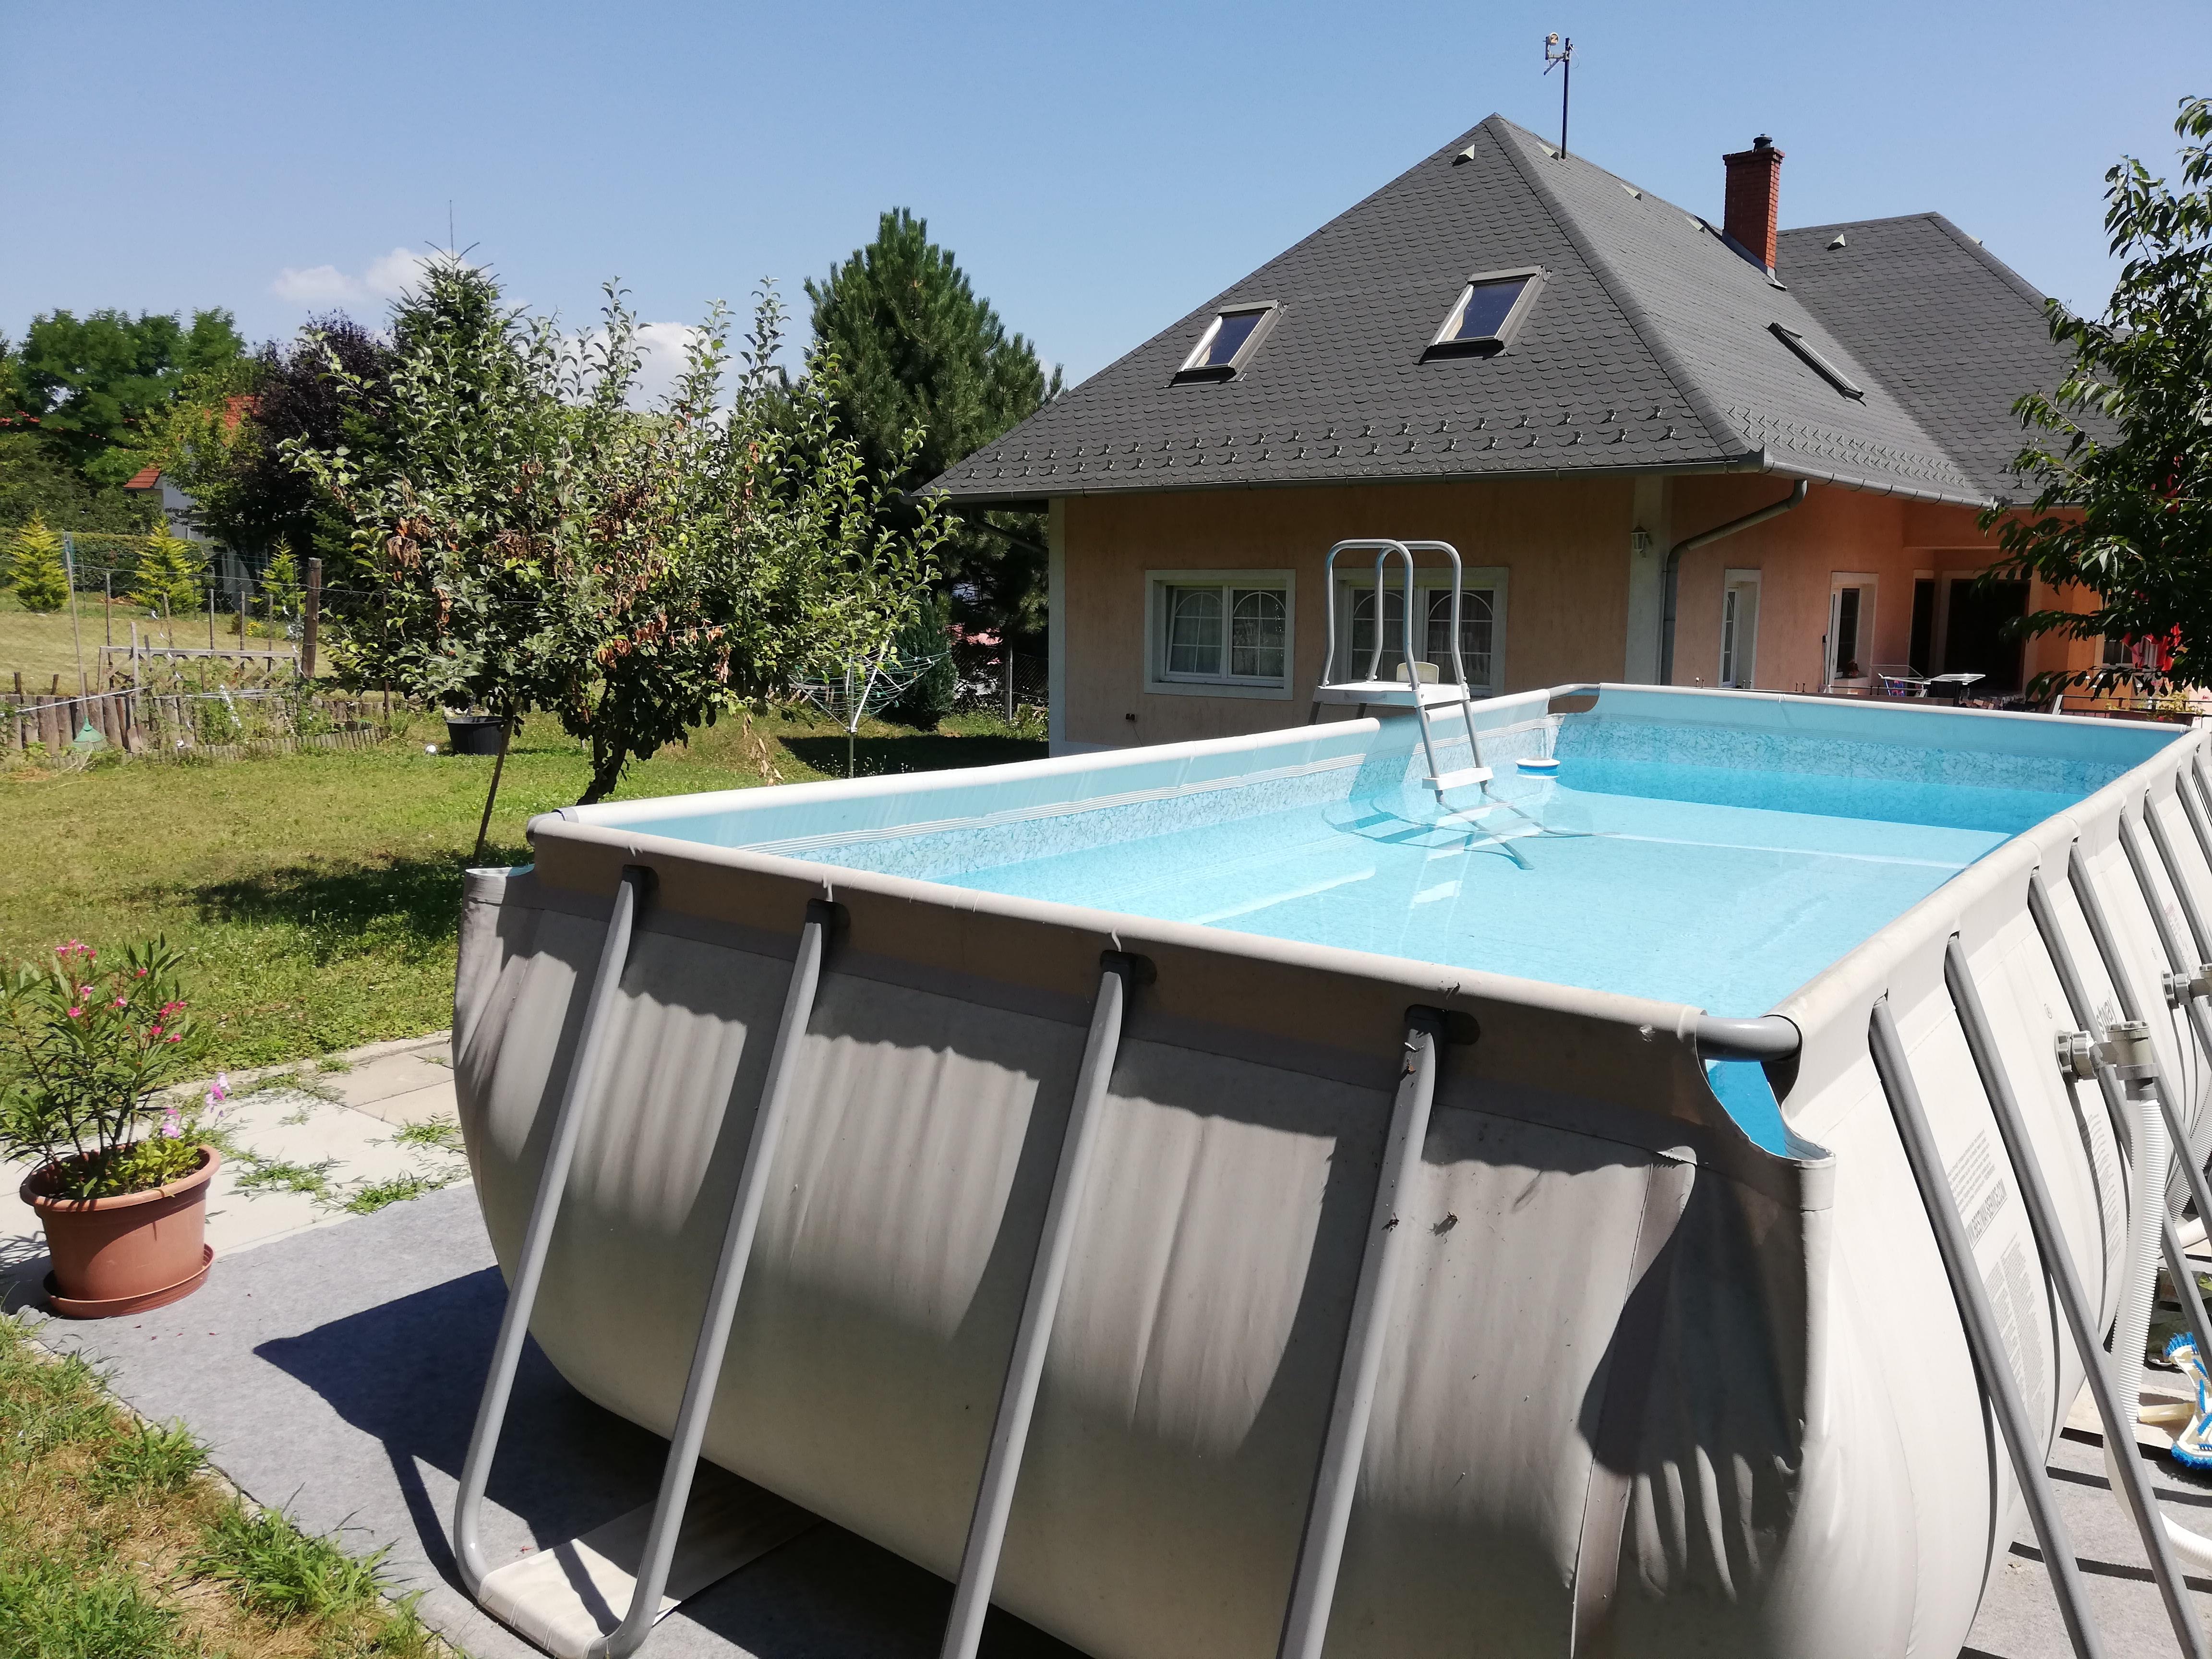 OBJEKT 100 Ferienhaus mit Pool,Spülmaschine,Wlan für 6 Personen